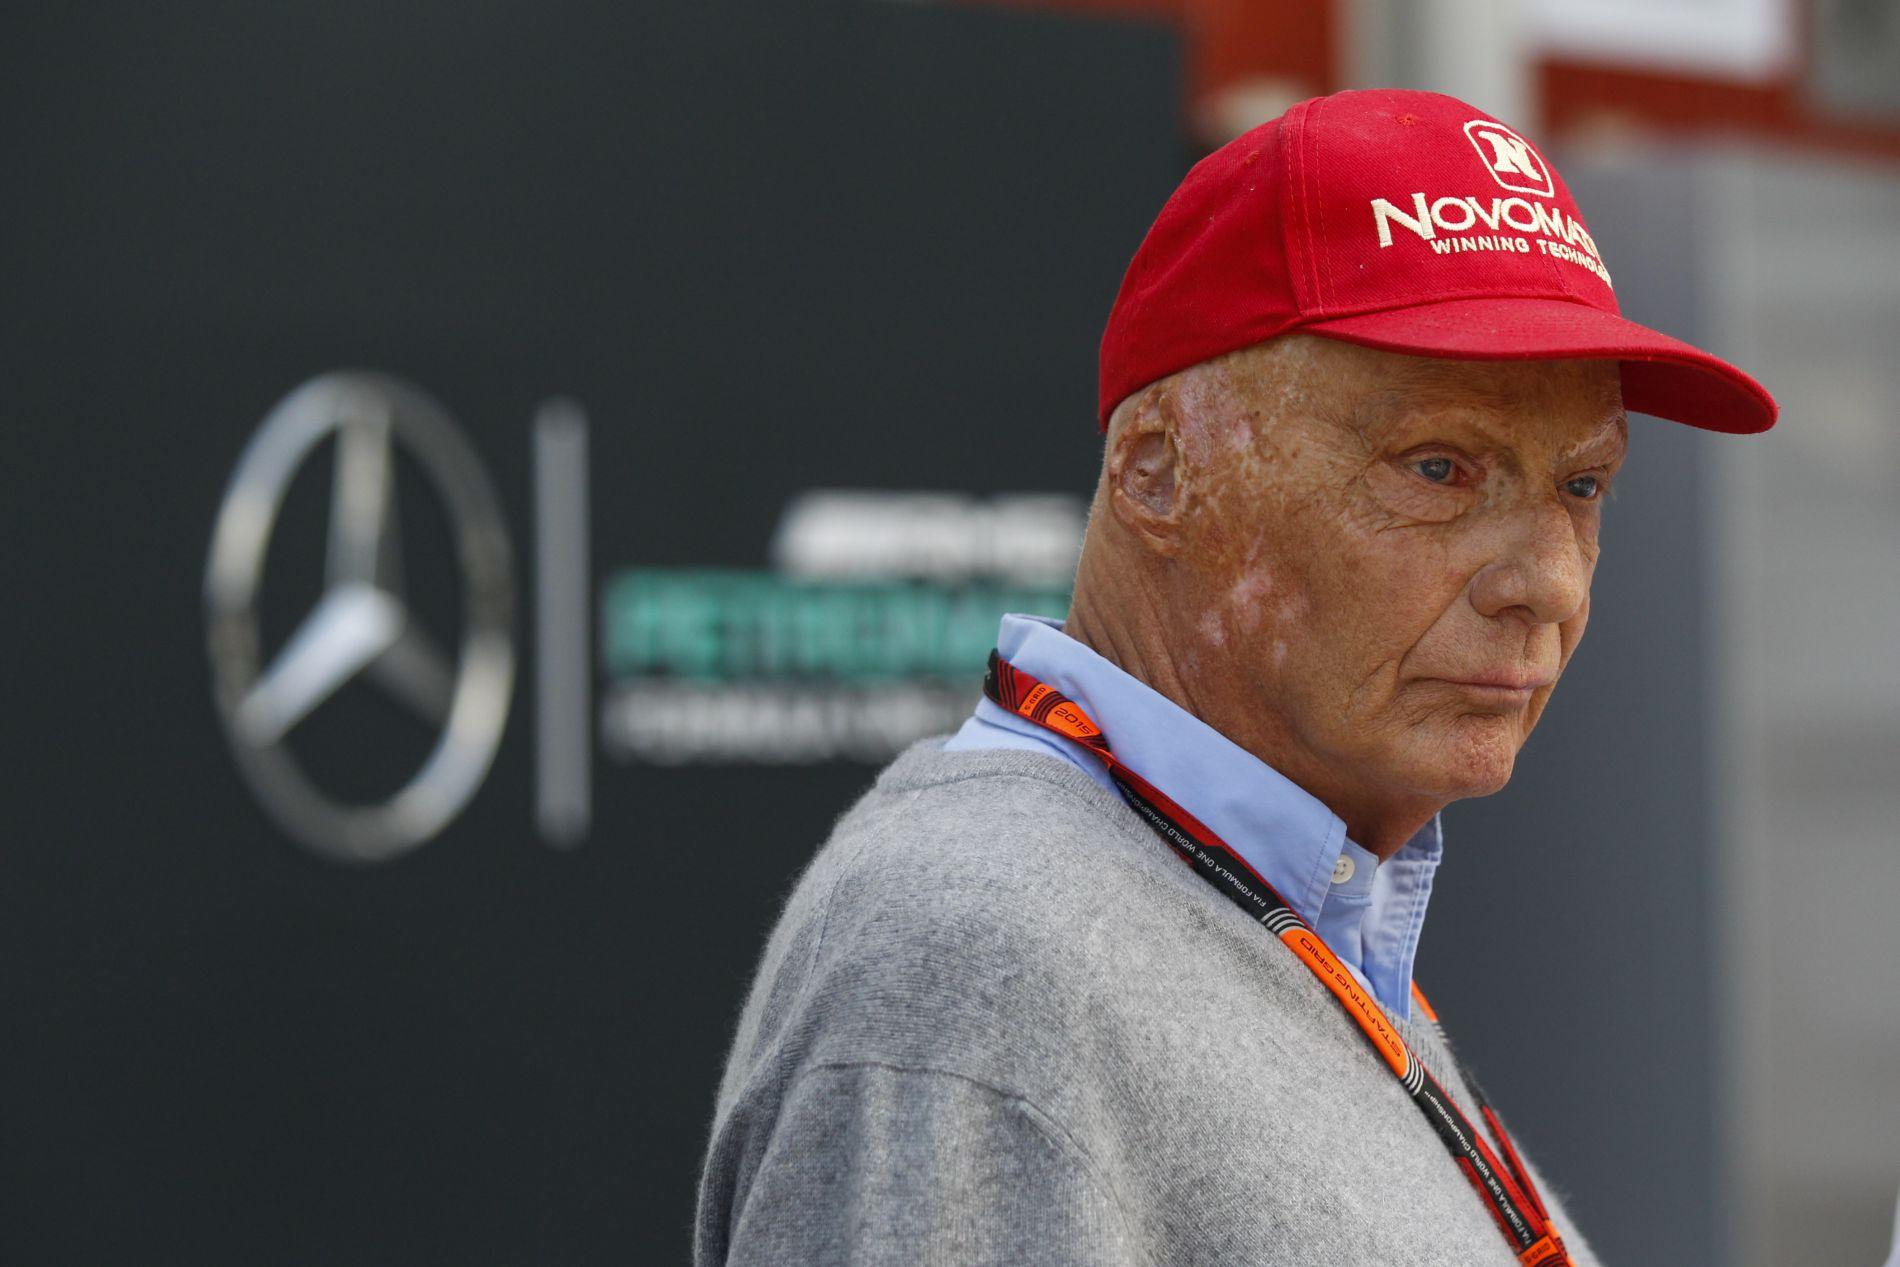 Vettel is ott volt a rajt előtti megemlékezésen, mégis szuper versenyt futott